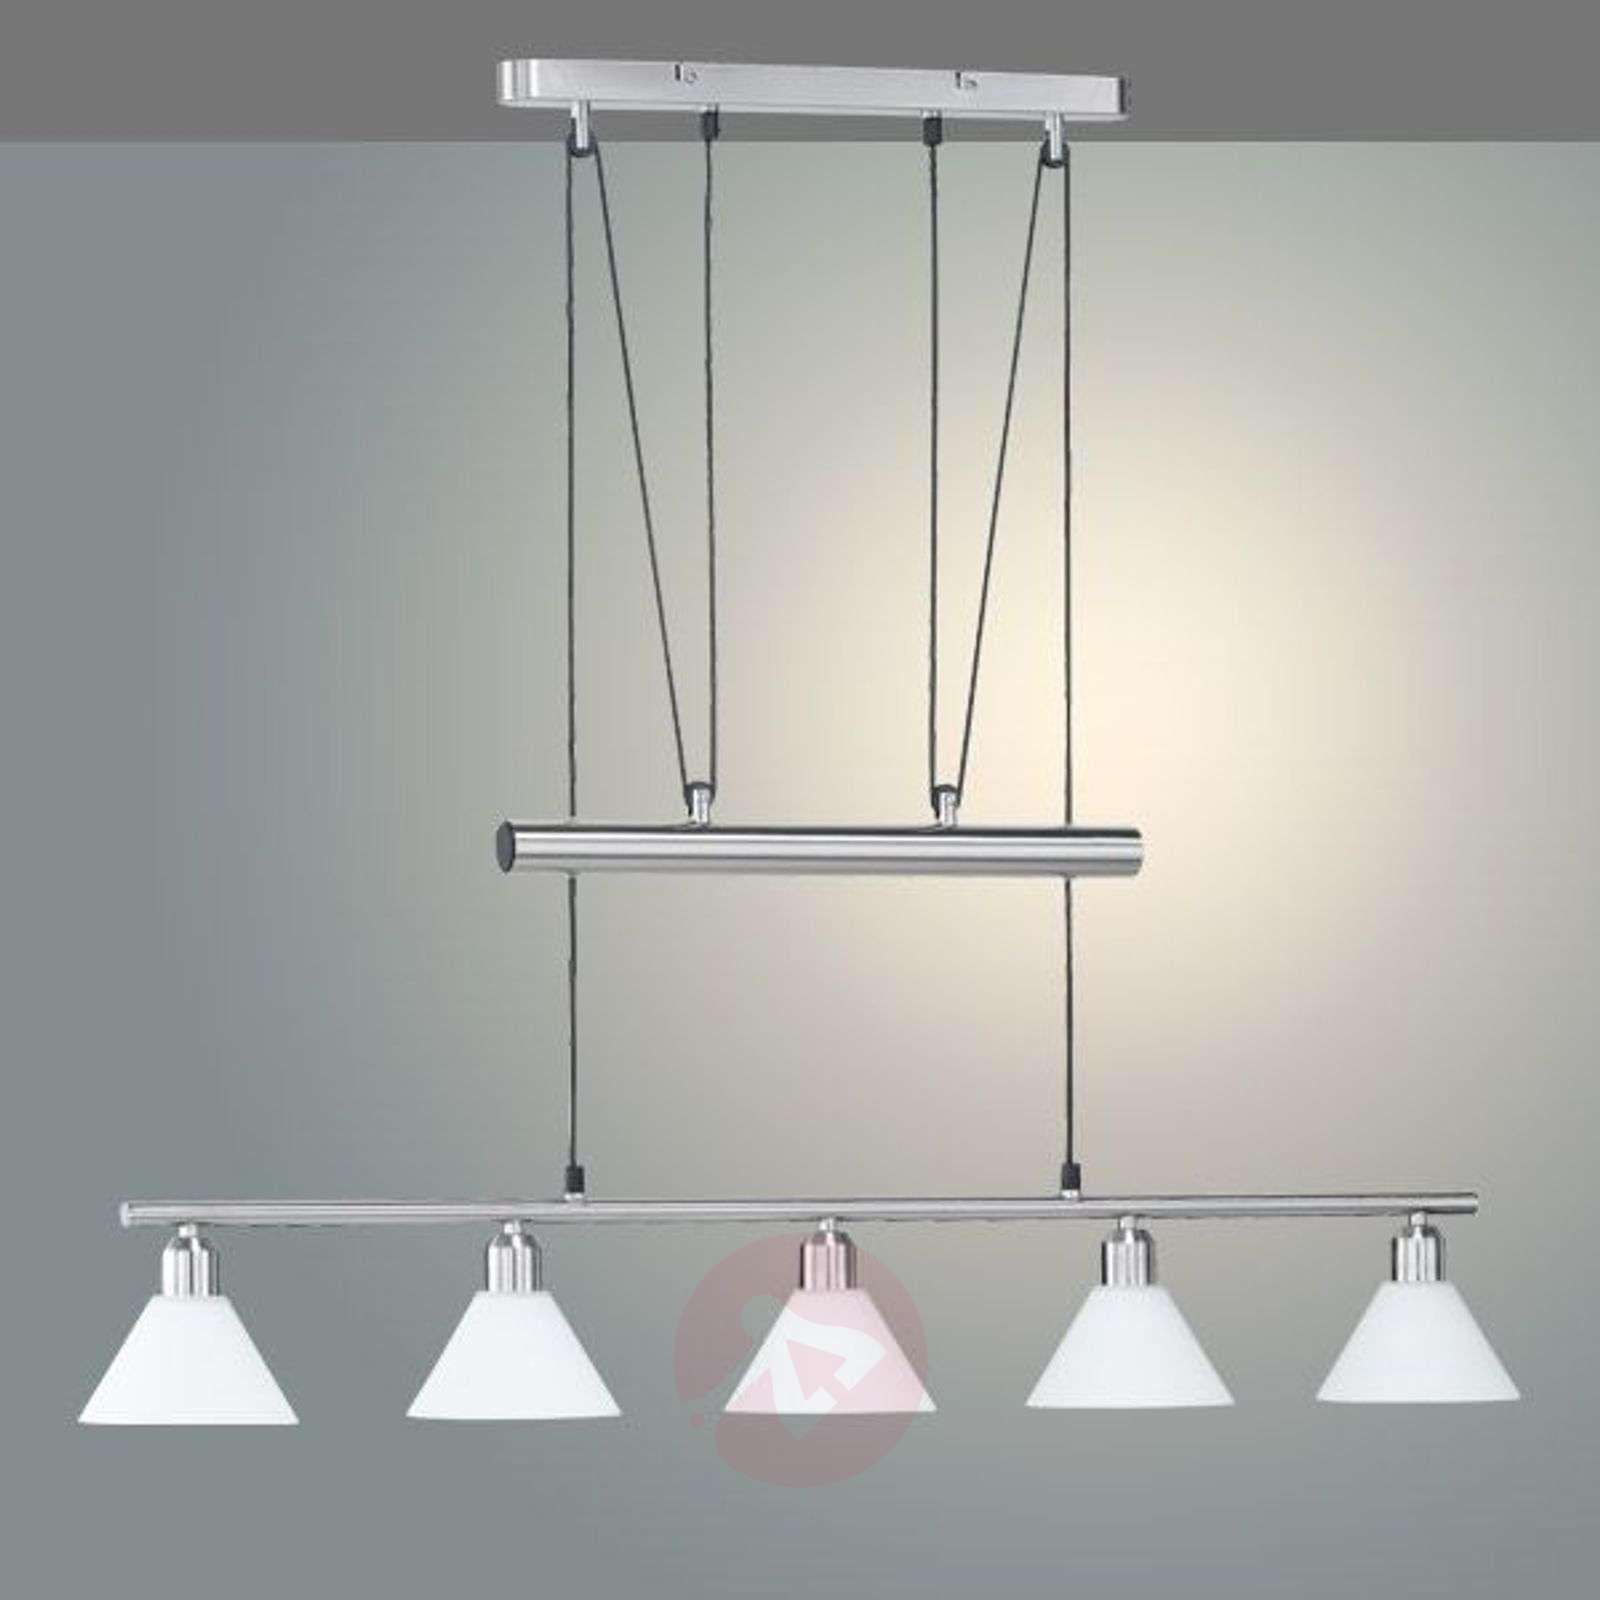 Height-adjustable pendant light, multiple bulbs-9003734X-01